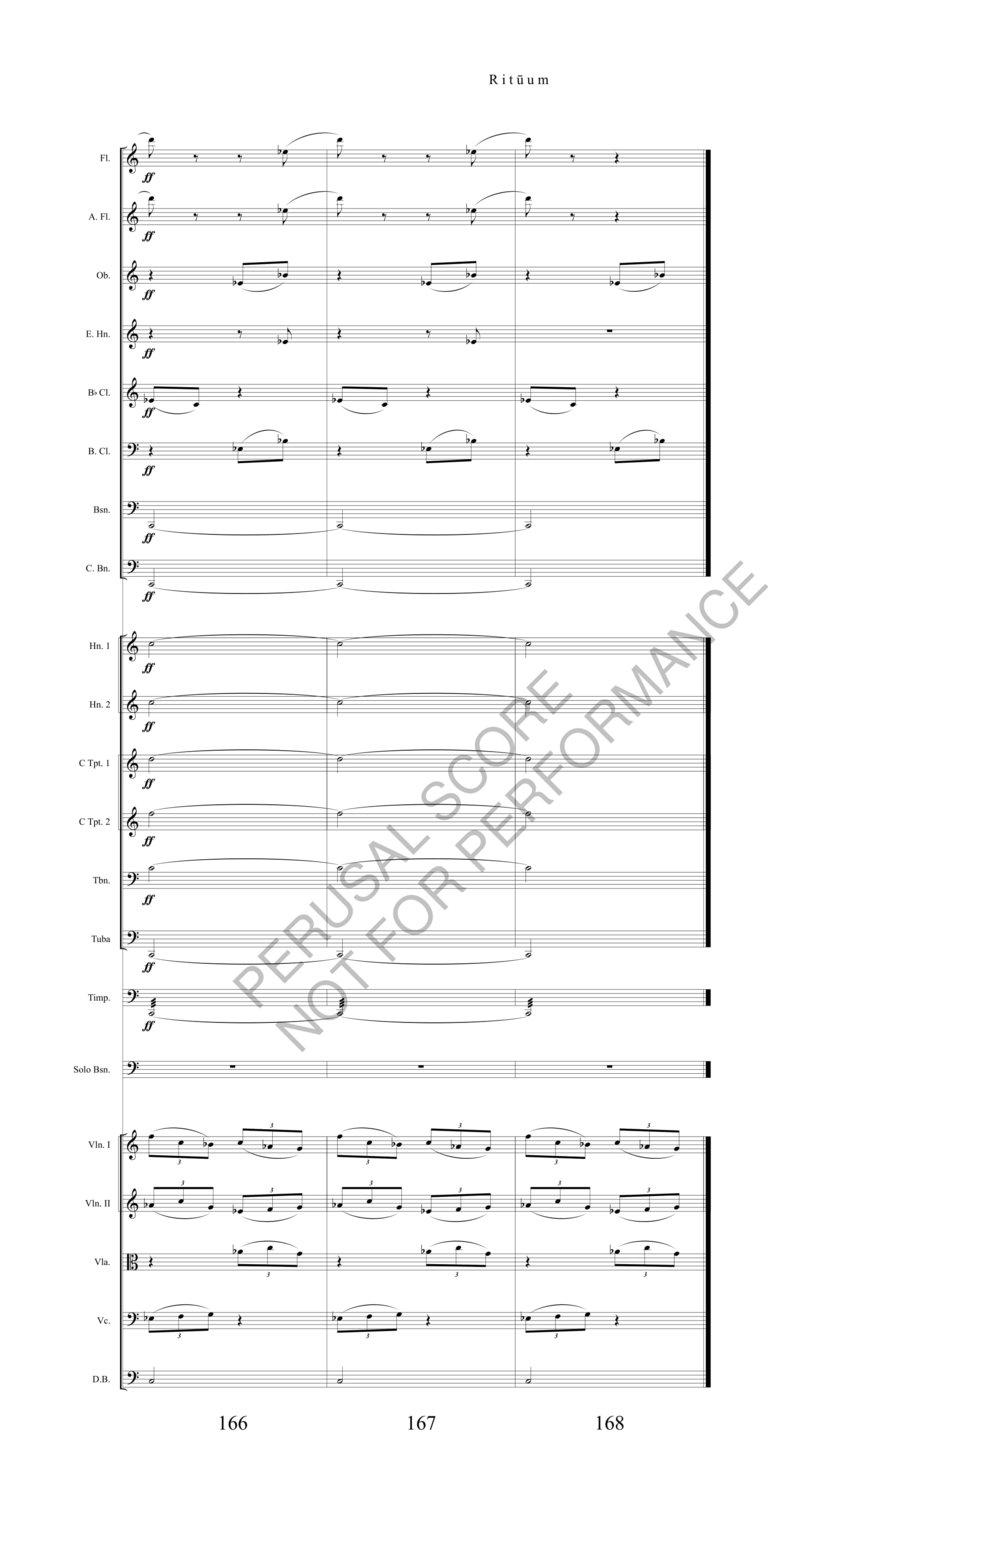 Boyd Rituum Score-watermark (1)-40.jpg